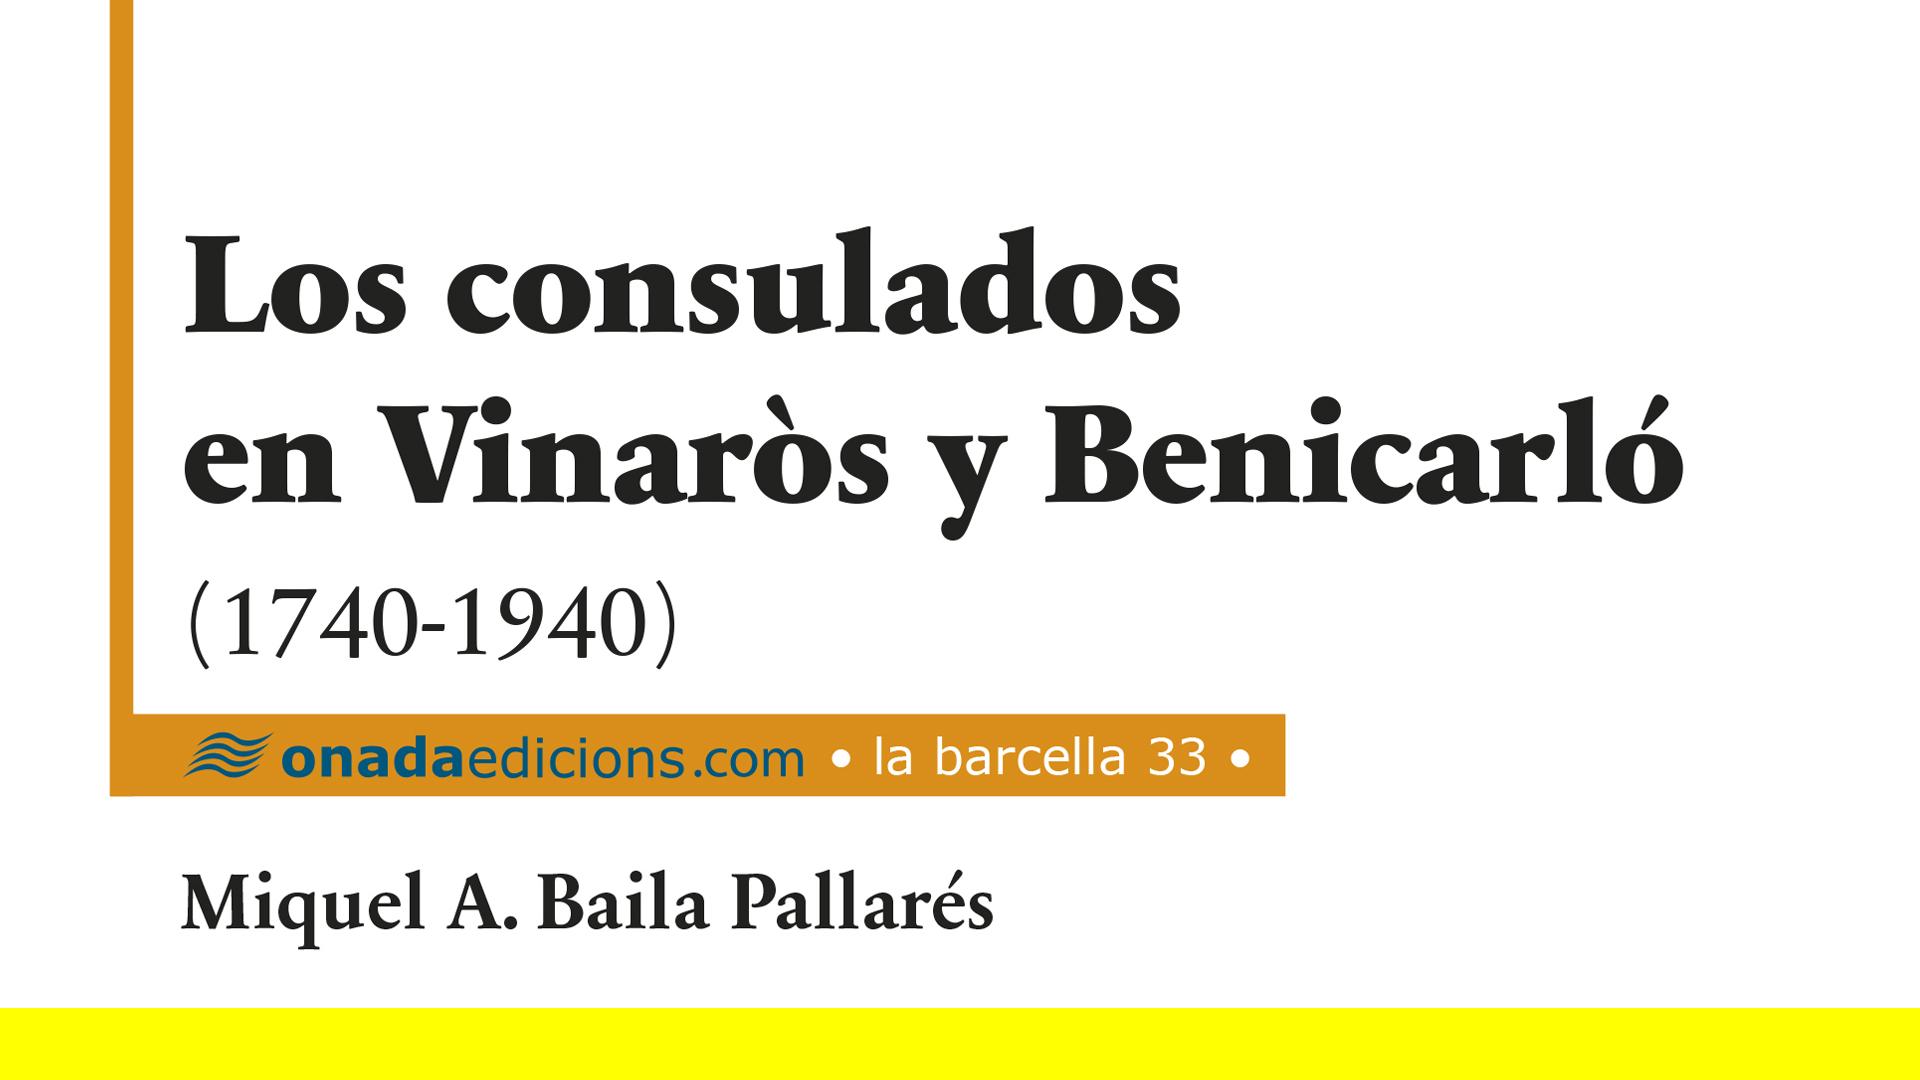 Un nou llibre del professor Baila traça la història dels consultats a Benicarló i Vinaròs entre 1740 i 1940